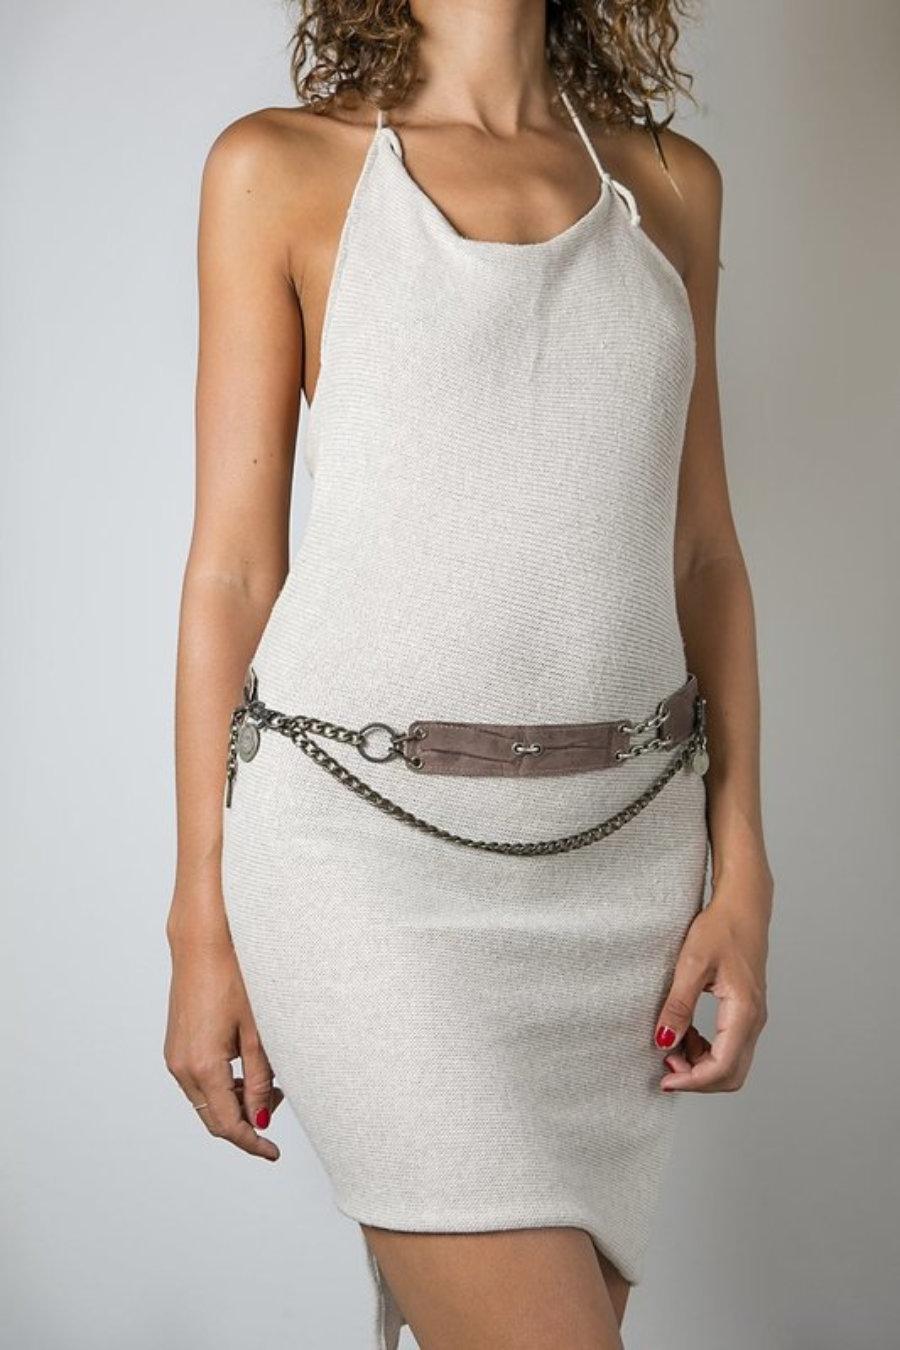 Cinturón reversible en marrón y gris